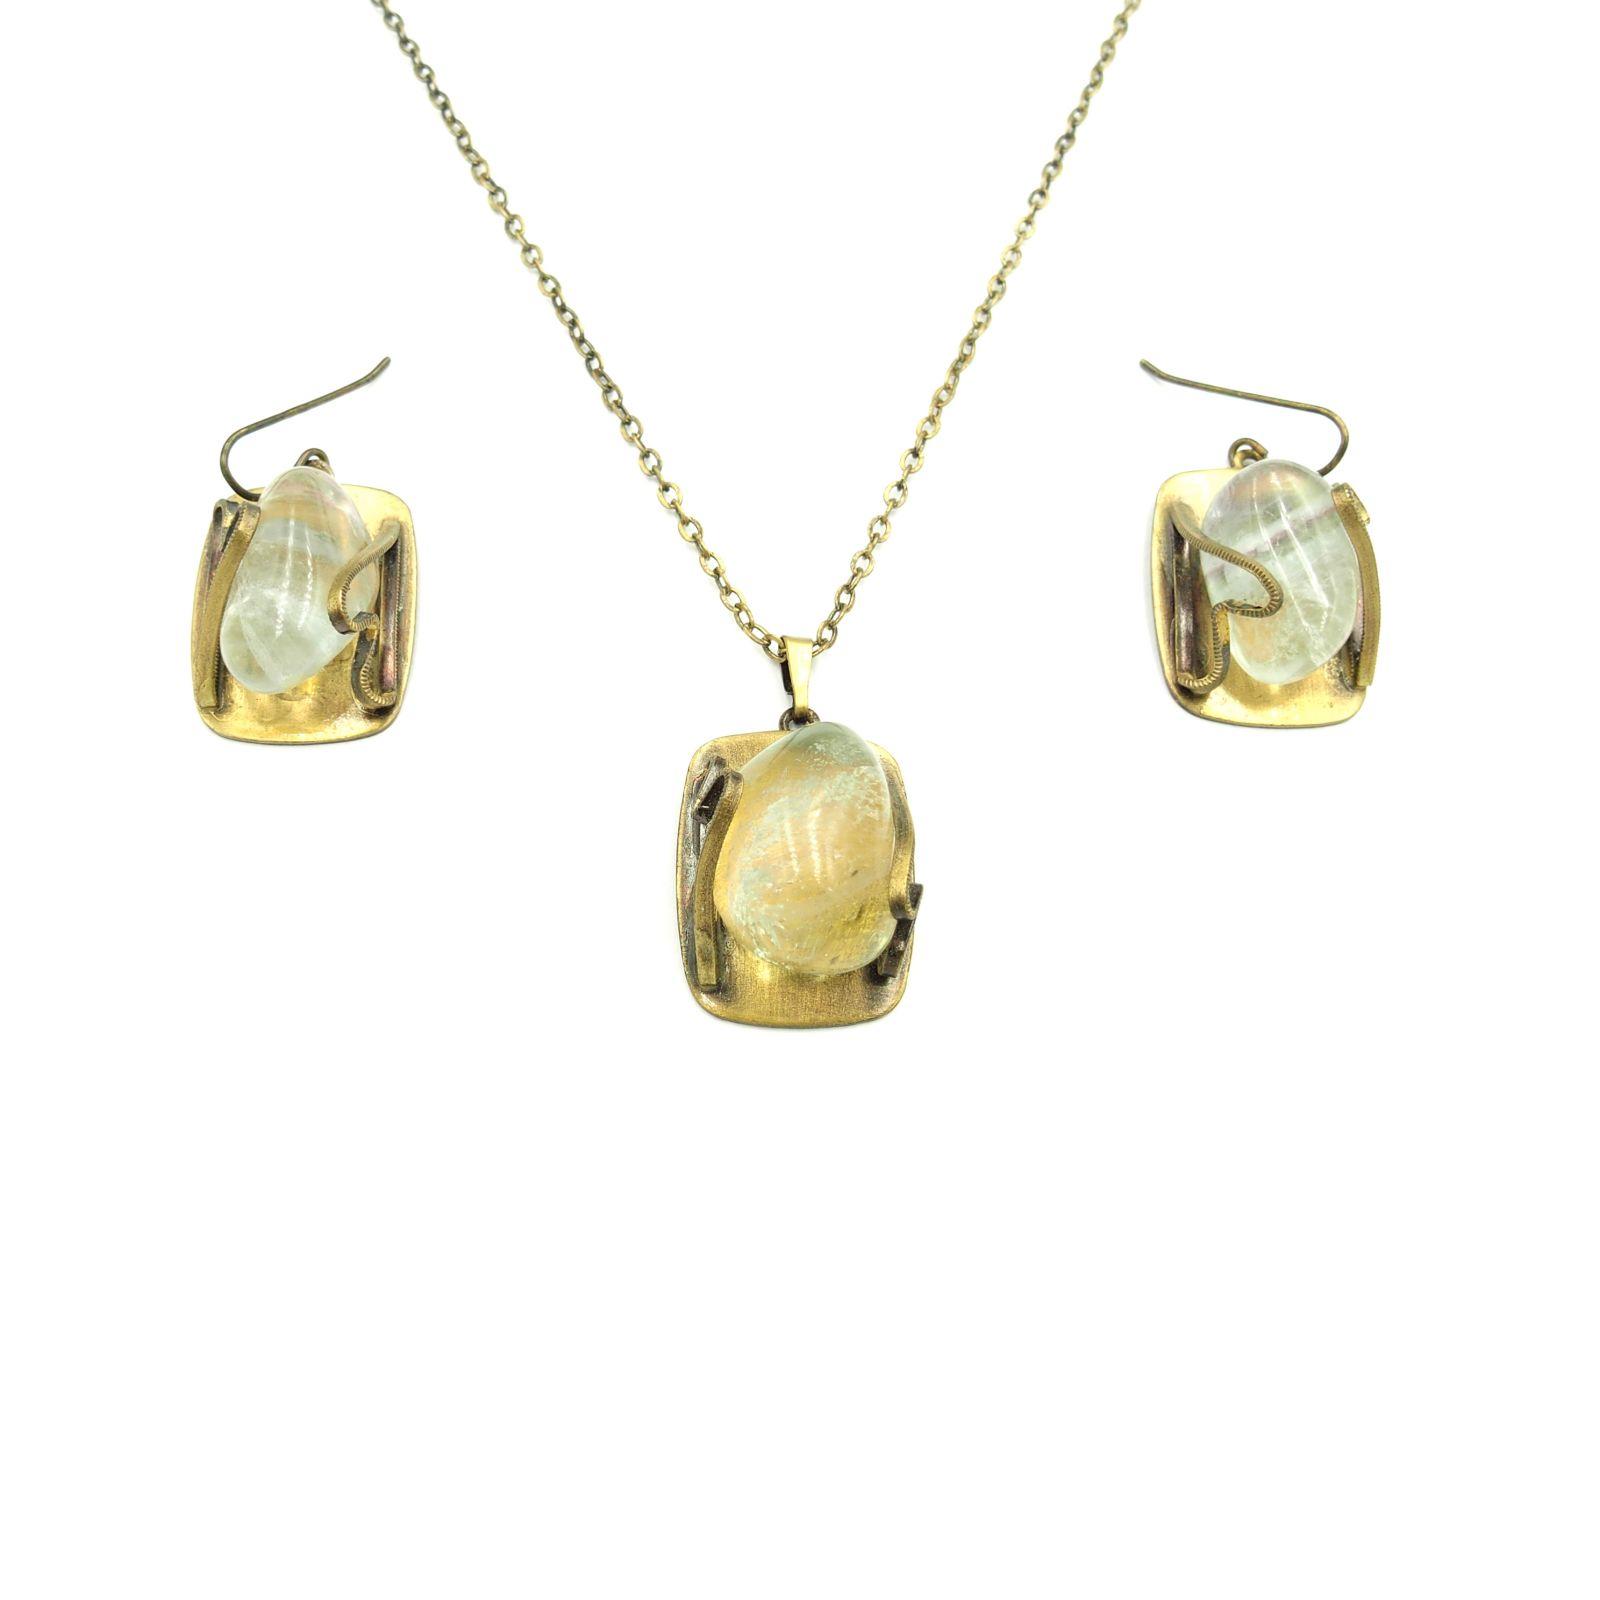 náhrdelník s přívěskem a naušnicemi (i)